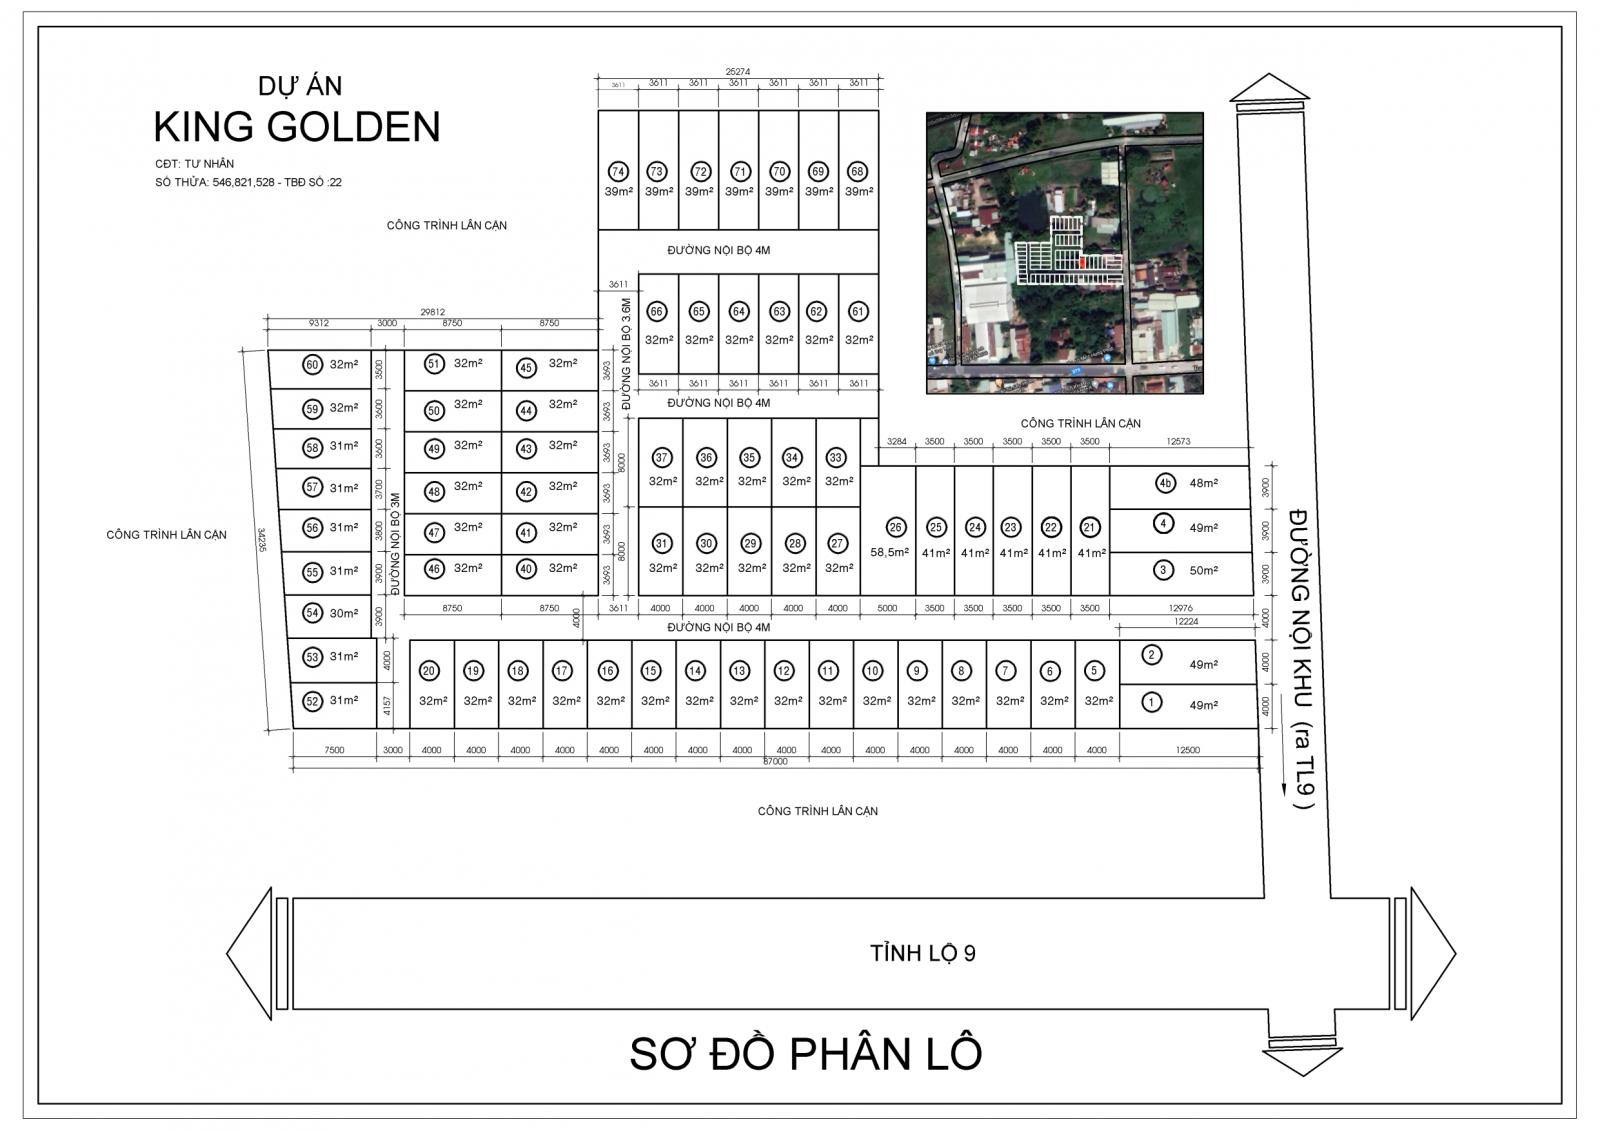 sơ đồ phân lô dự án king golden long an